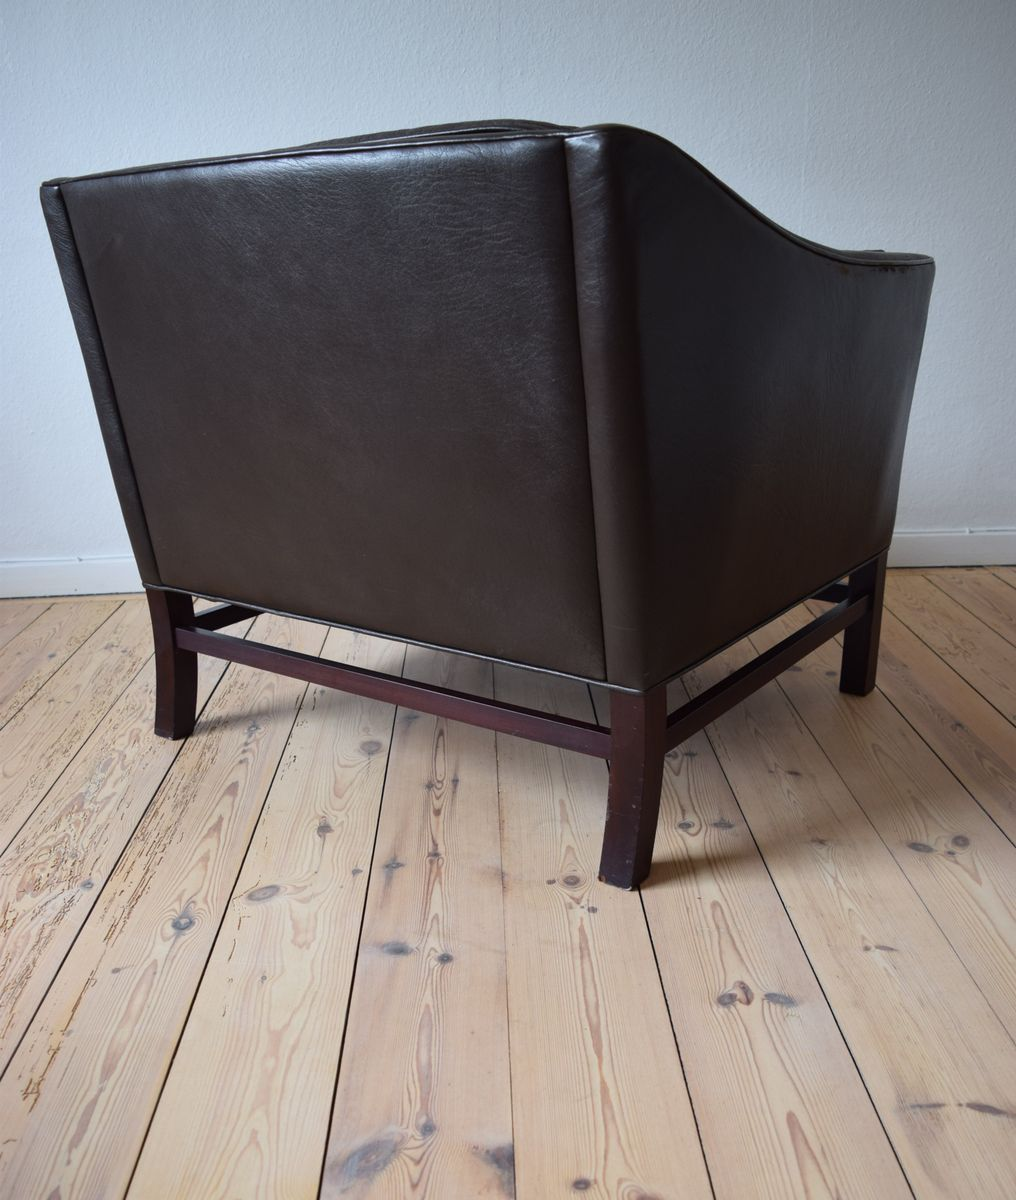 d nischer vintage lounge sessel von george thams f r grant m belfabrik bei pamono kaufen. Black Bedroom Furniture Sets. Home Design Ideas